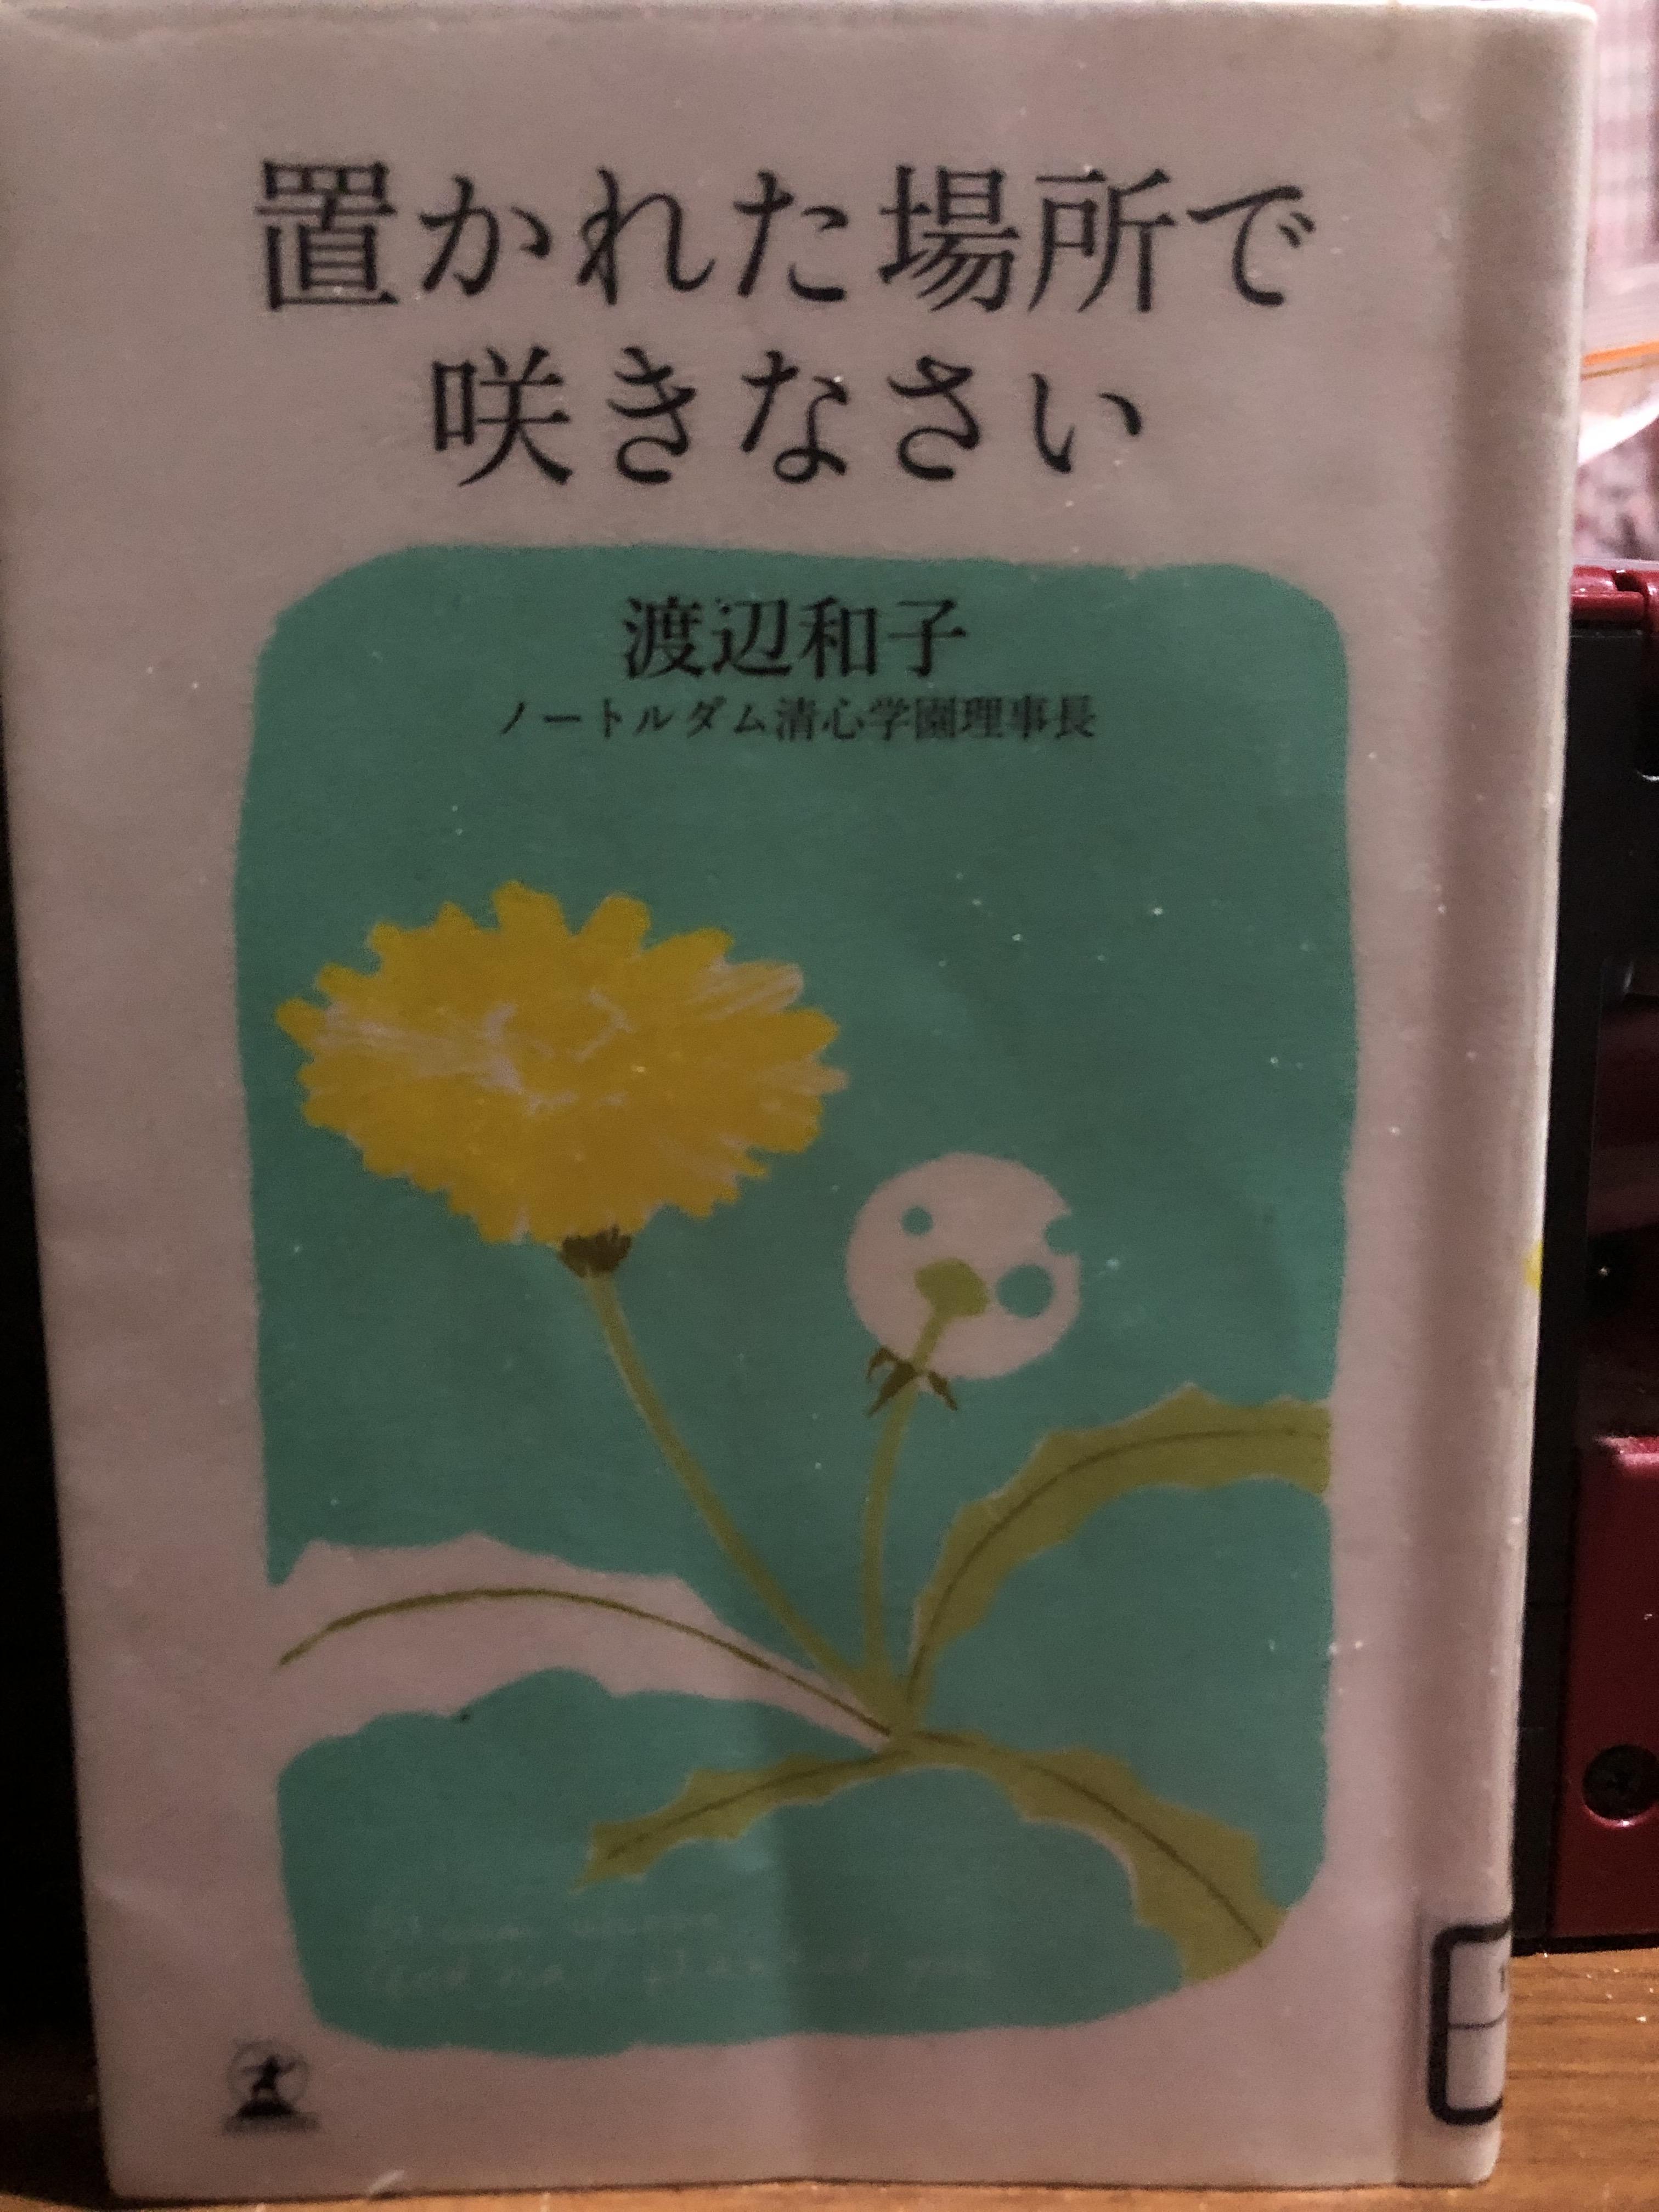 「置かれた場所で咲きなさい」 渡辺和子著作